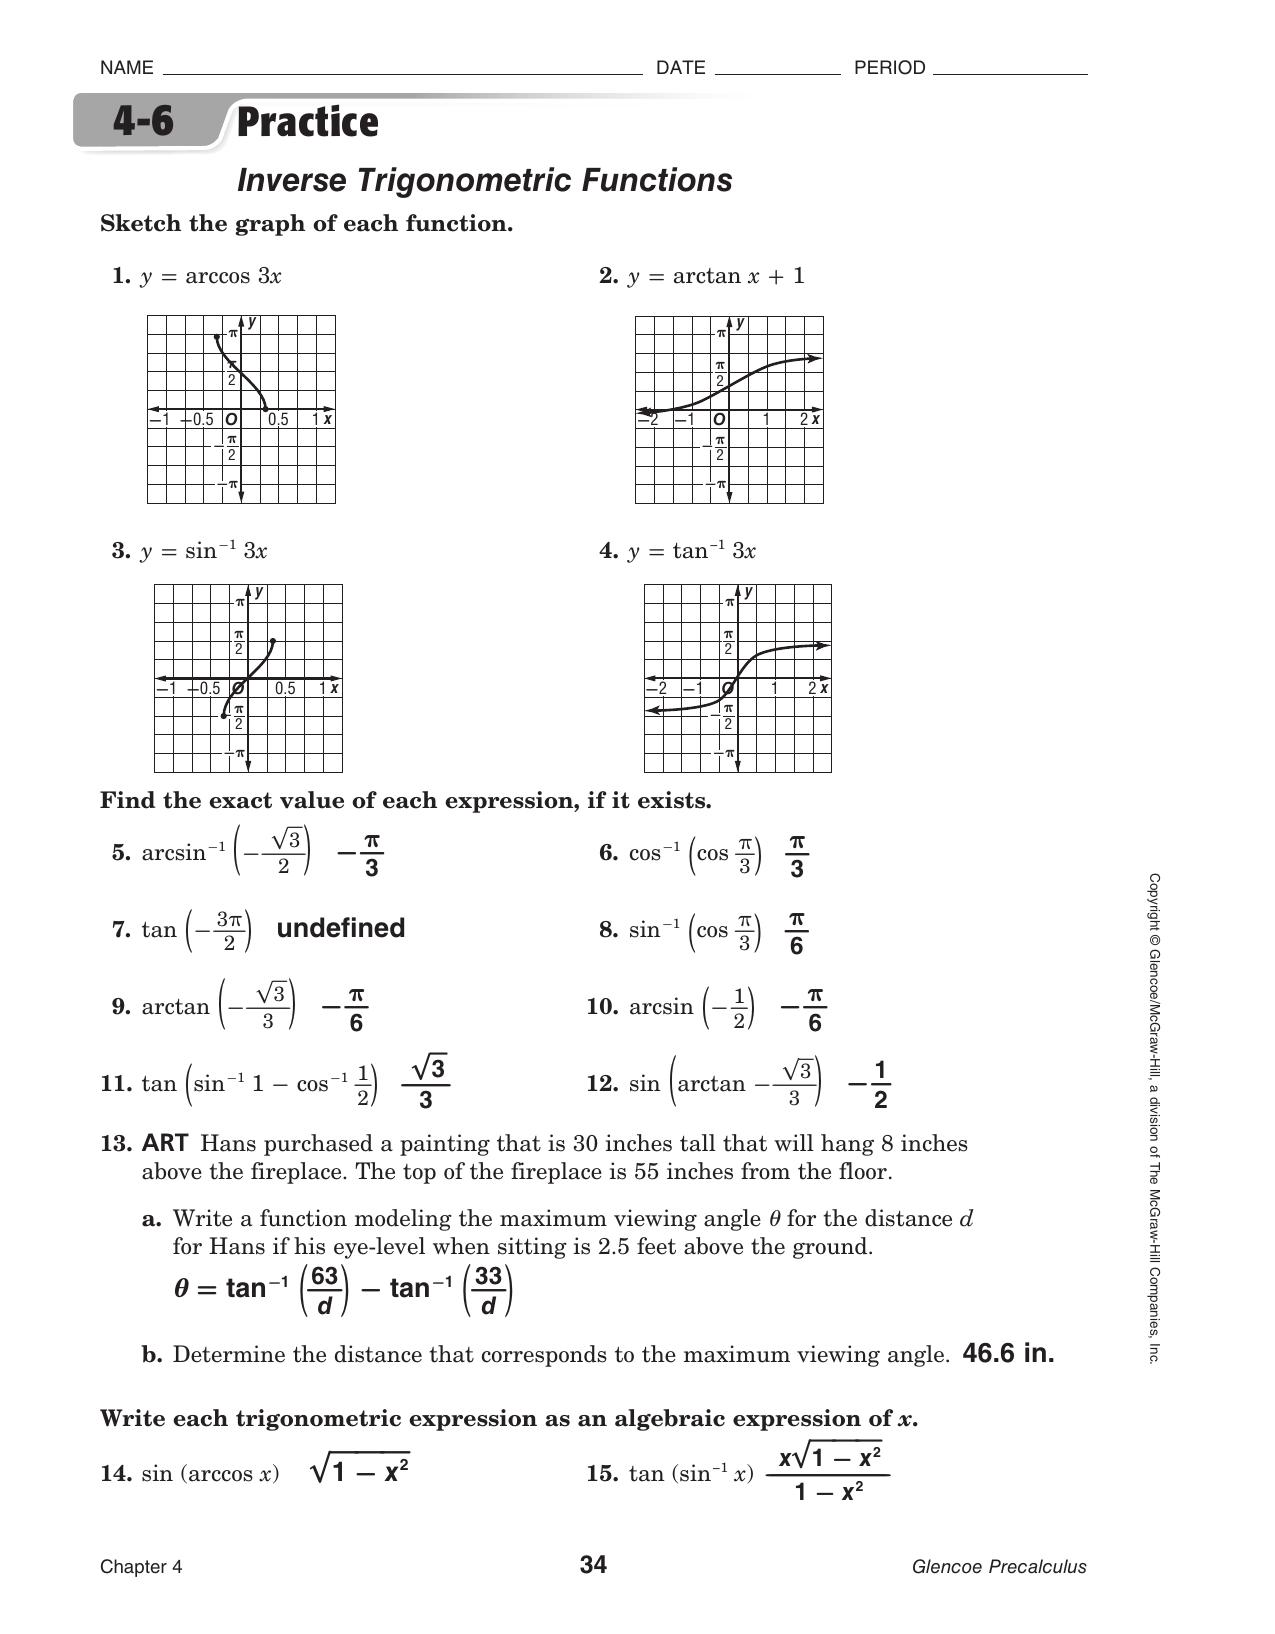 4-6 Practice